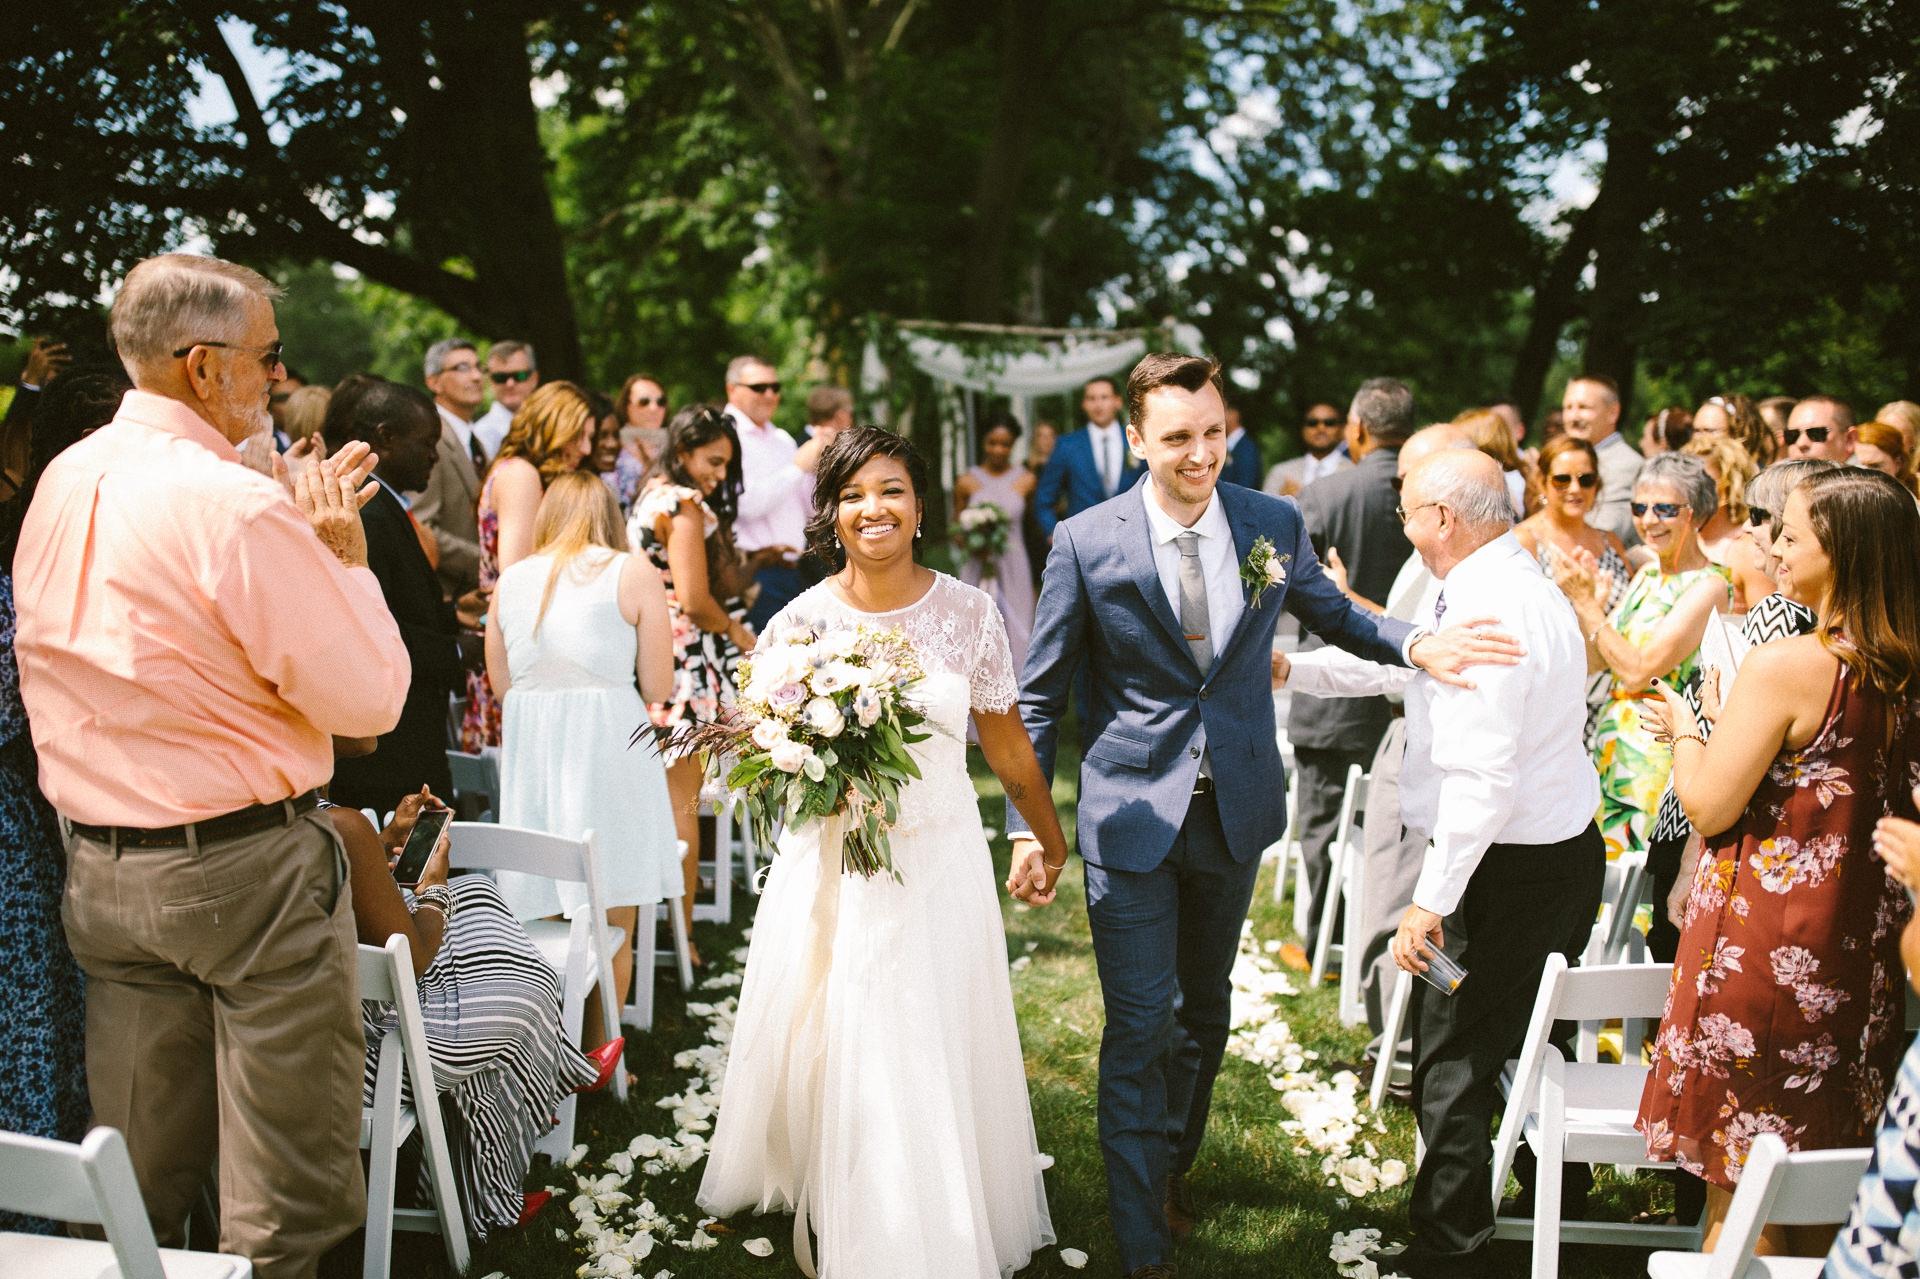 Gervasi Wedding Photographer in Canton Ohio 69.jpg